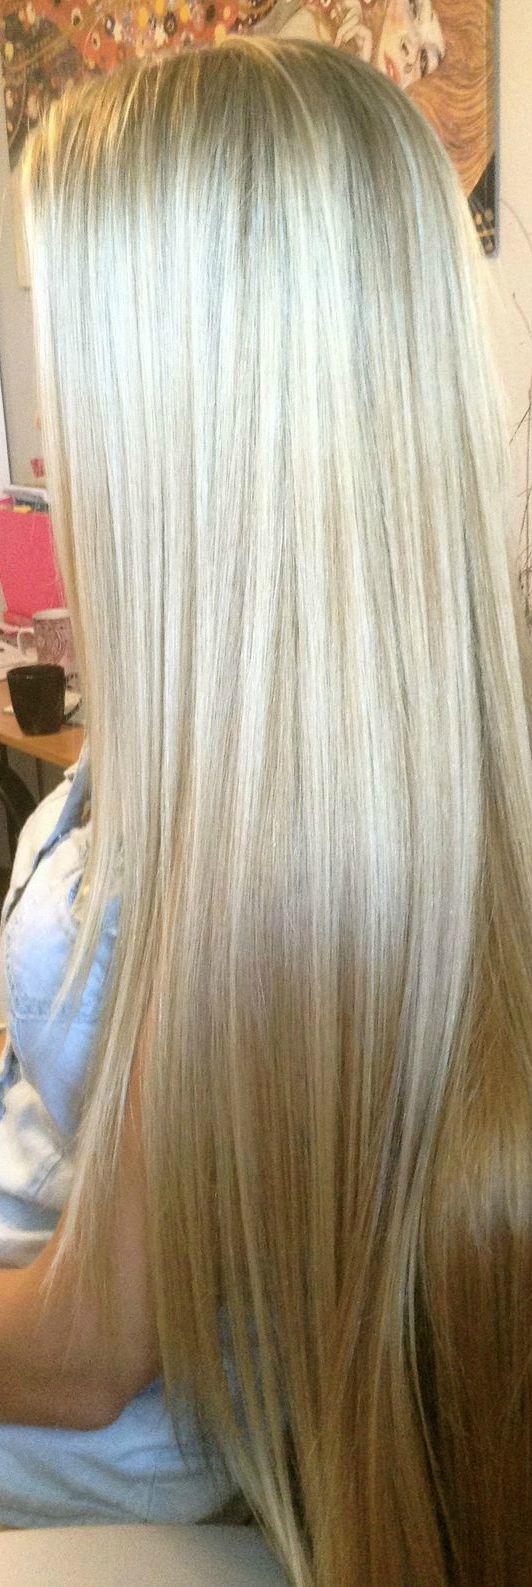 Não quero ser esse tipo de loira, mais esse cabelo ta simplesmente bapho